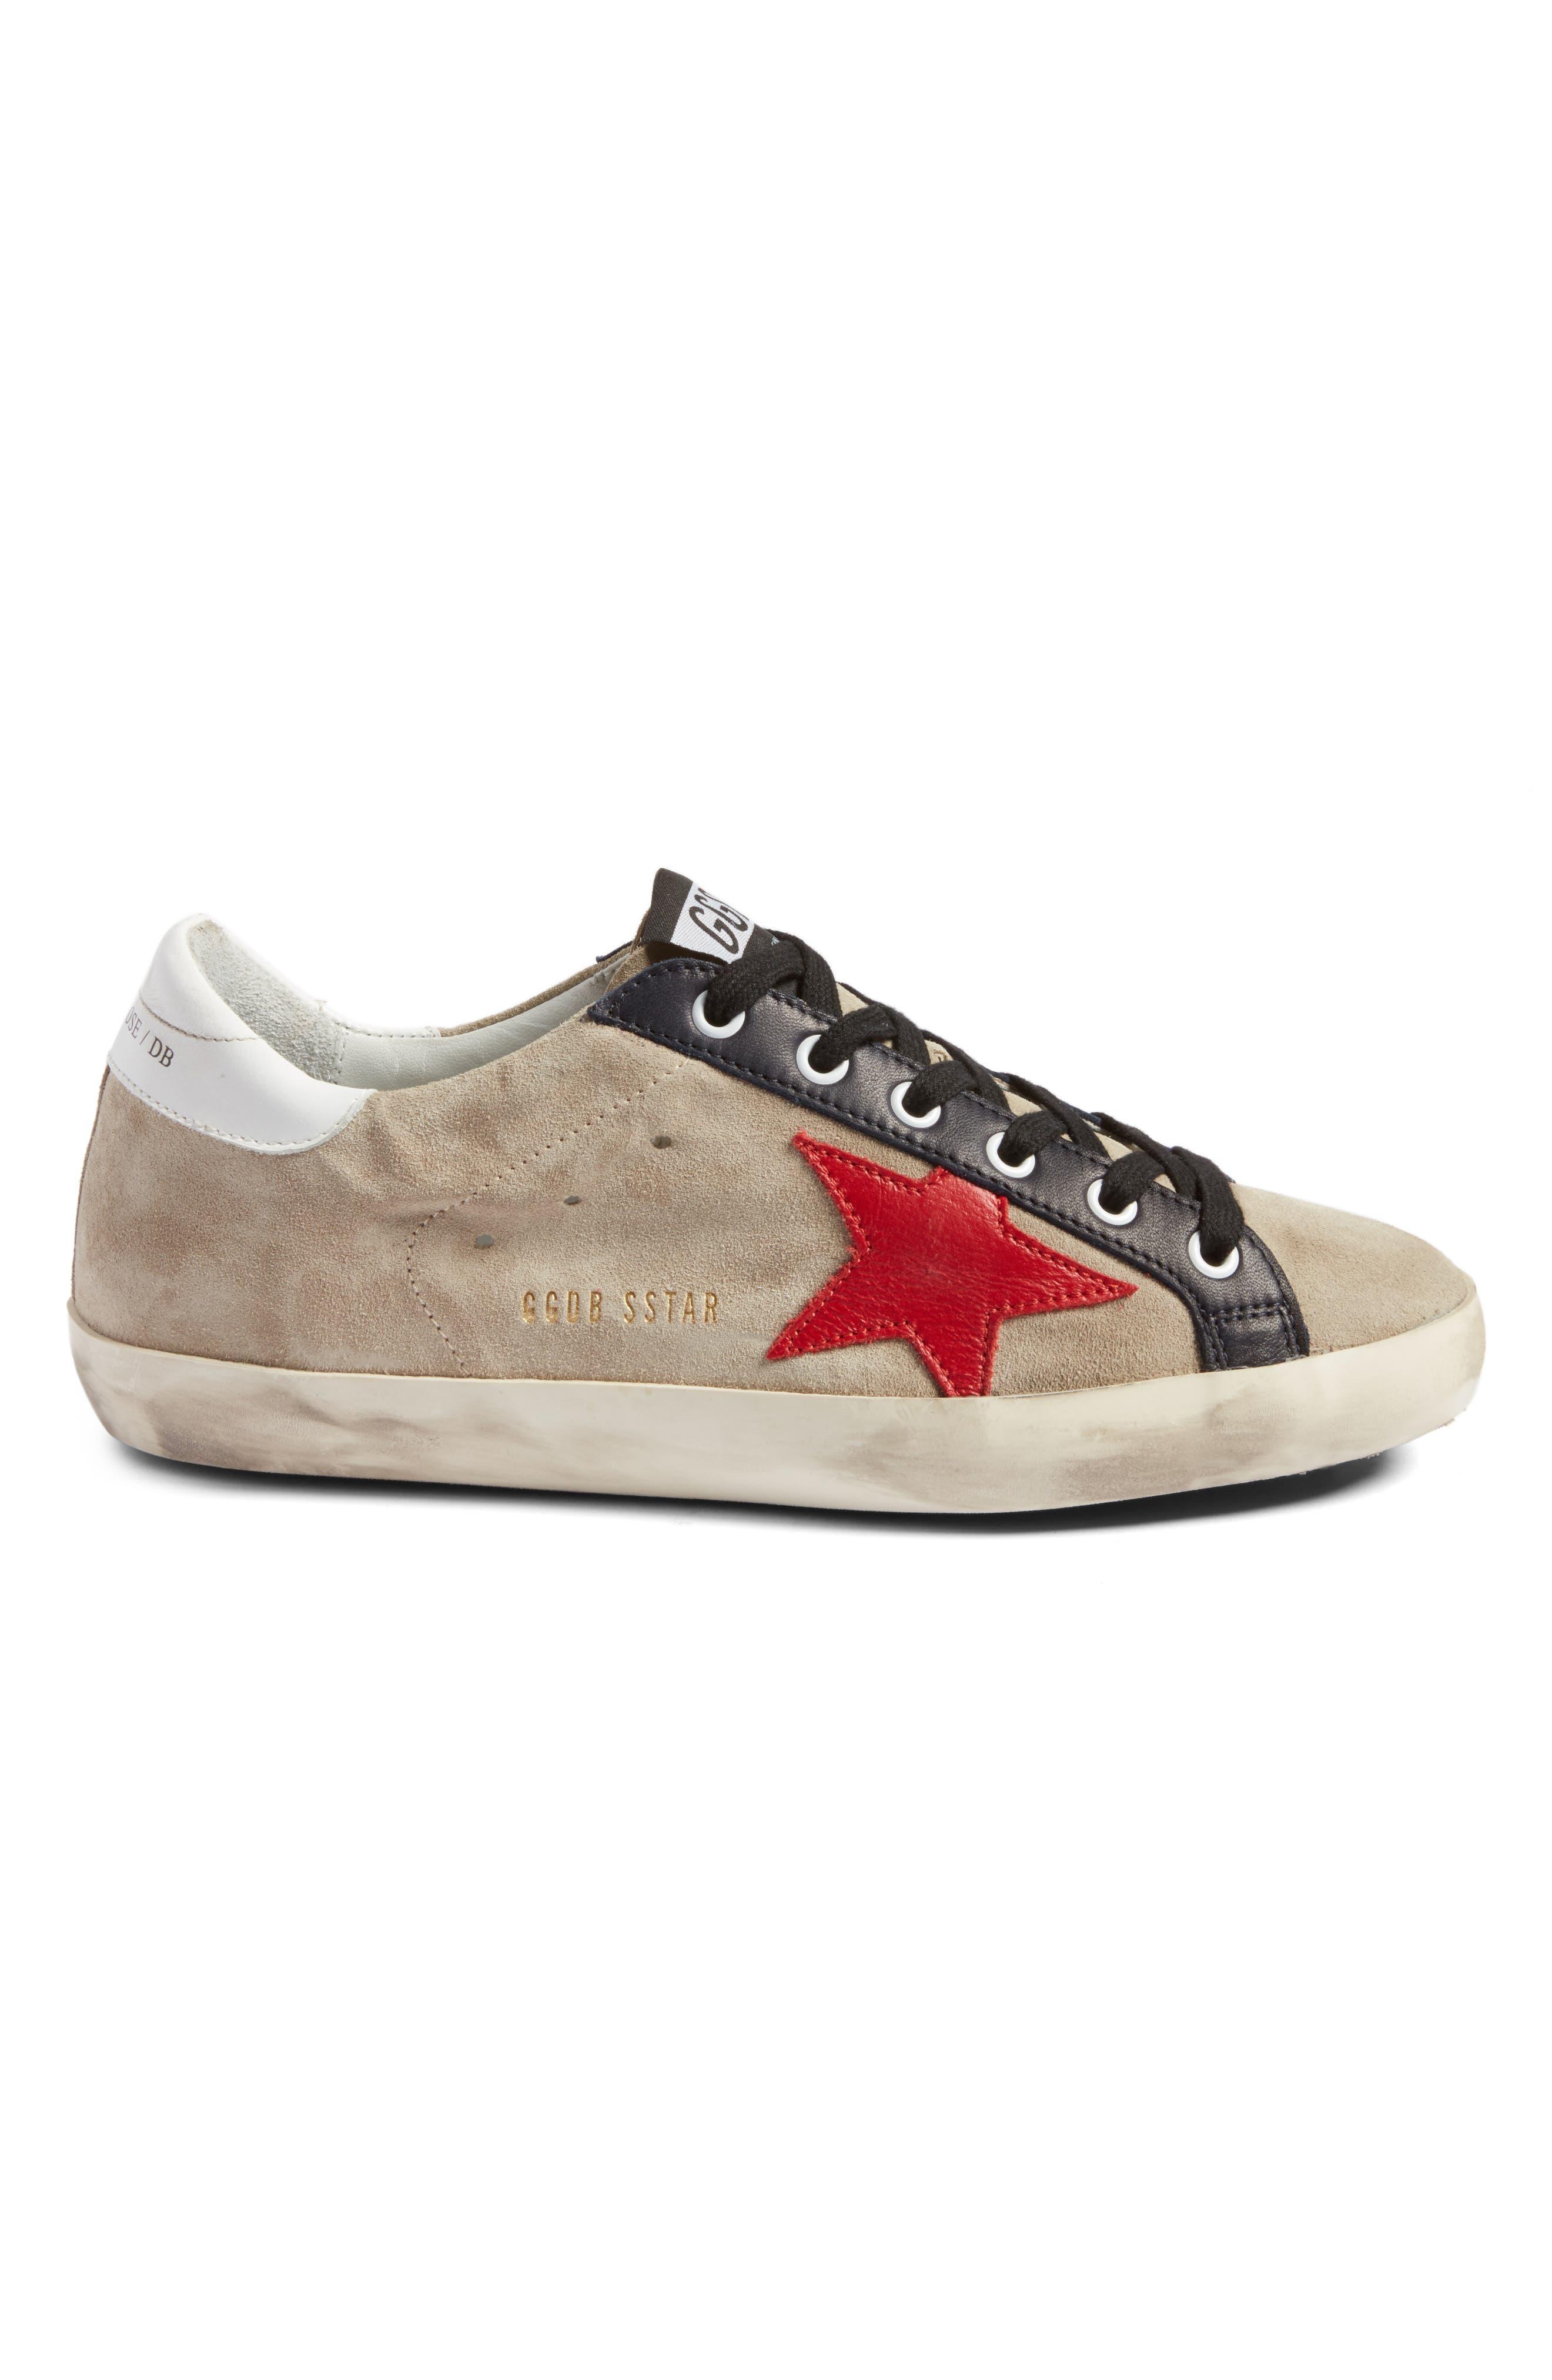 Superstar Sneaker,                             Alternate thumbnail 3, color,                             250